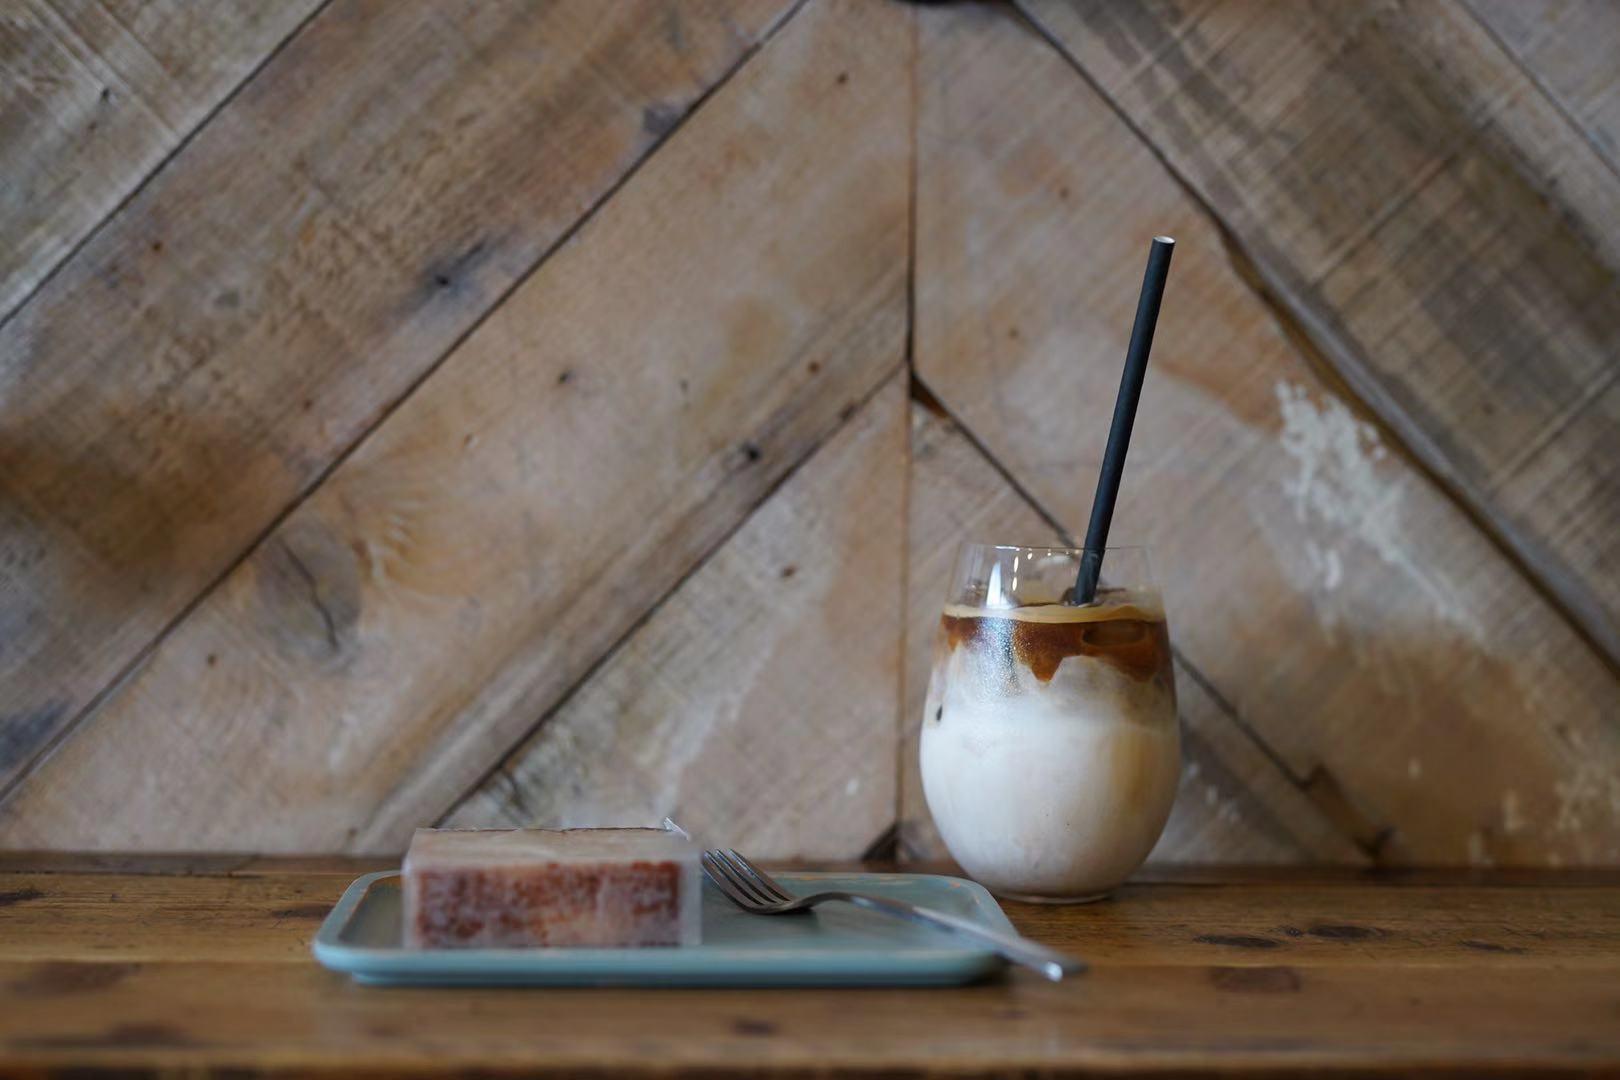 「カンノンコーヒー本山」でほっと安らぐひと時を。スコーン食べ放題のモーニングもスタート! - 0ec8d9279be3fb449b931537e34344ac